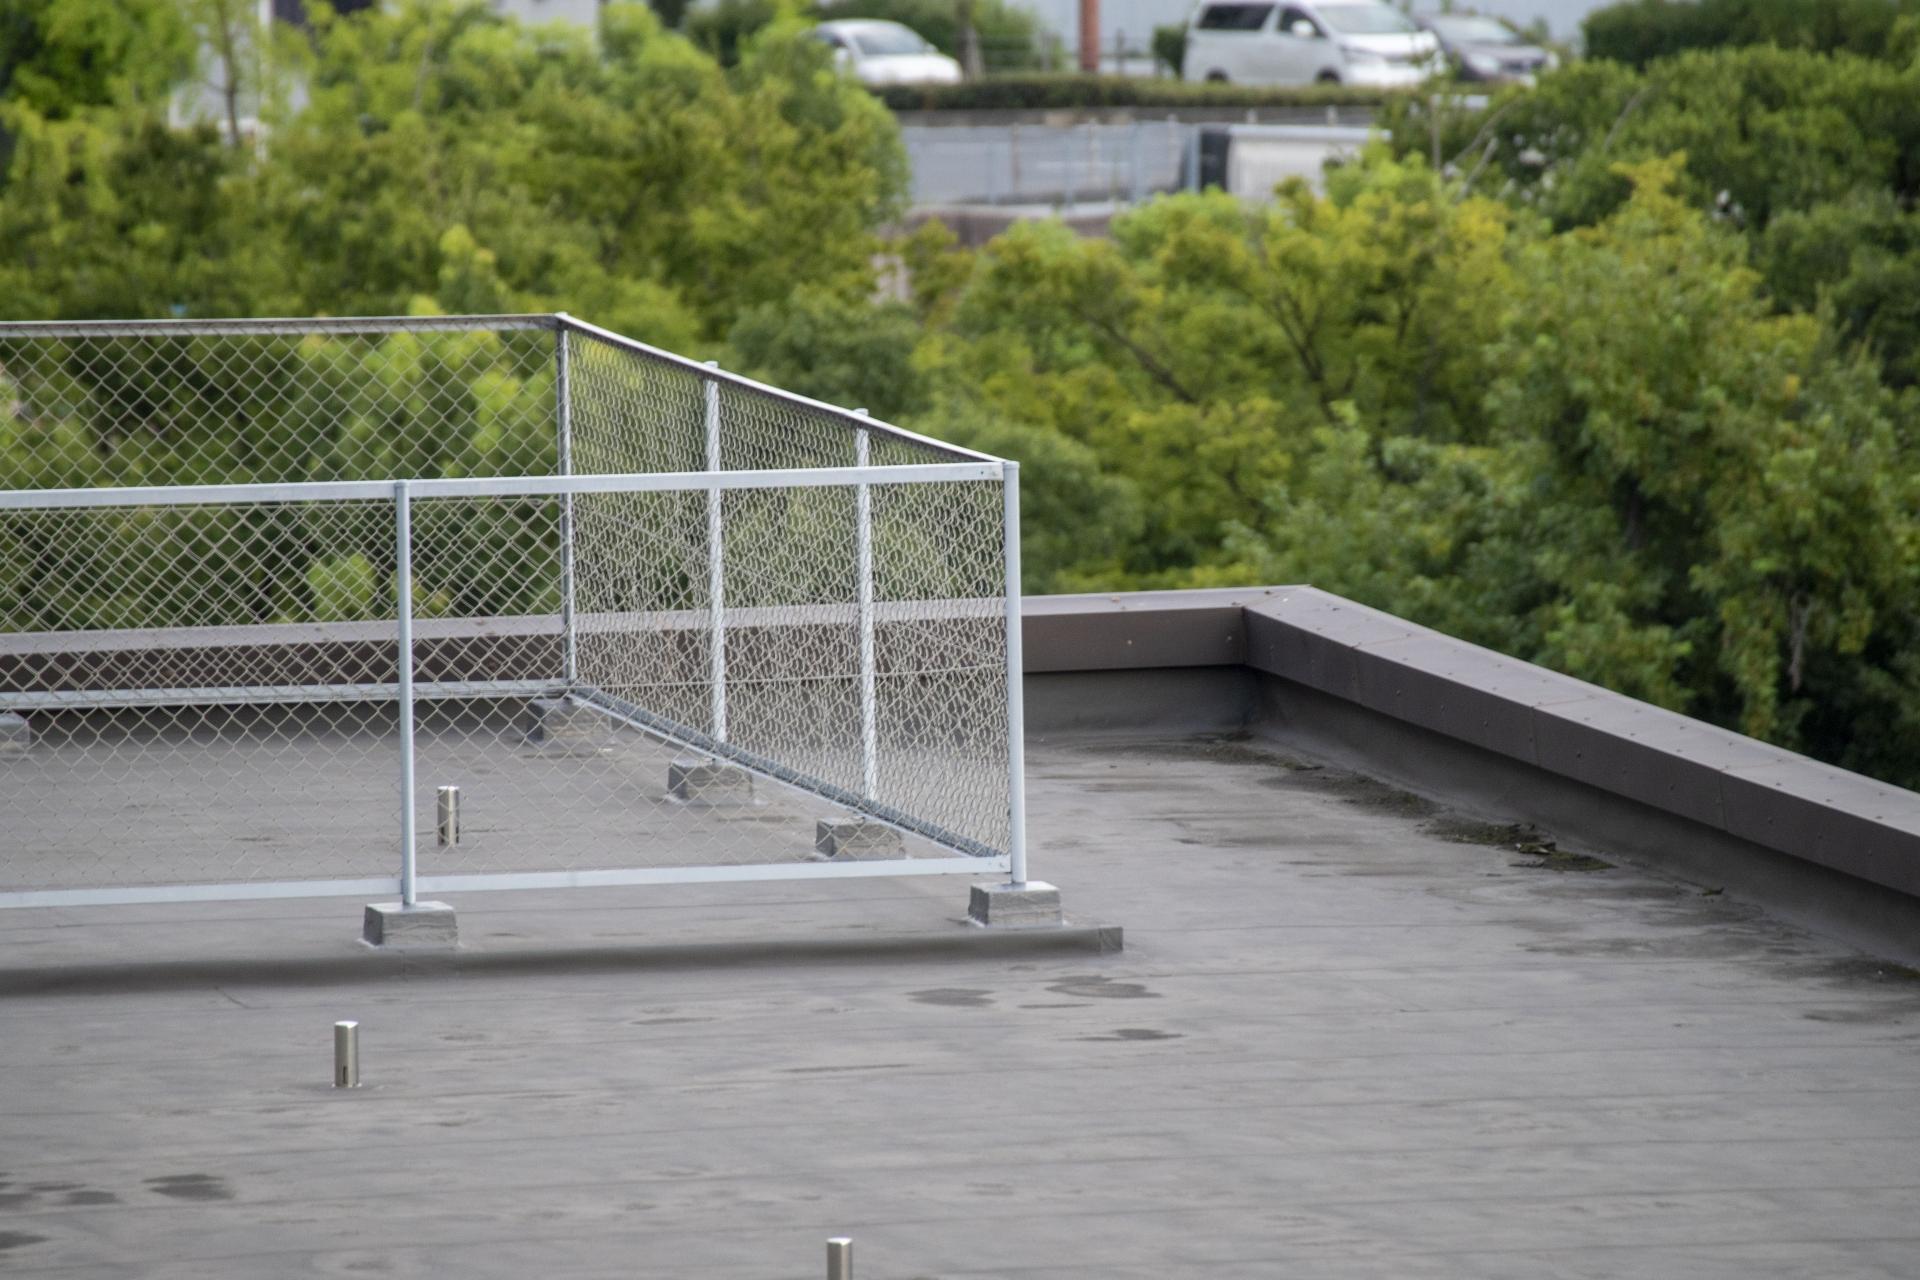 マンション改修で見落としがちな屋上防水工事の重要性とは